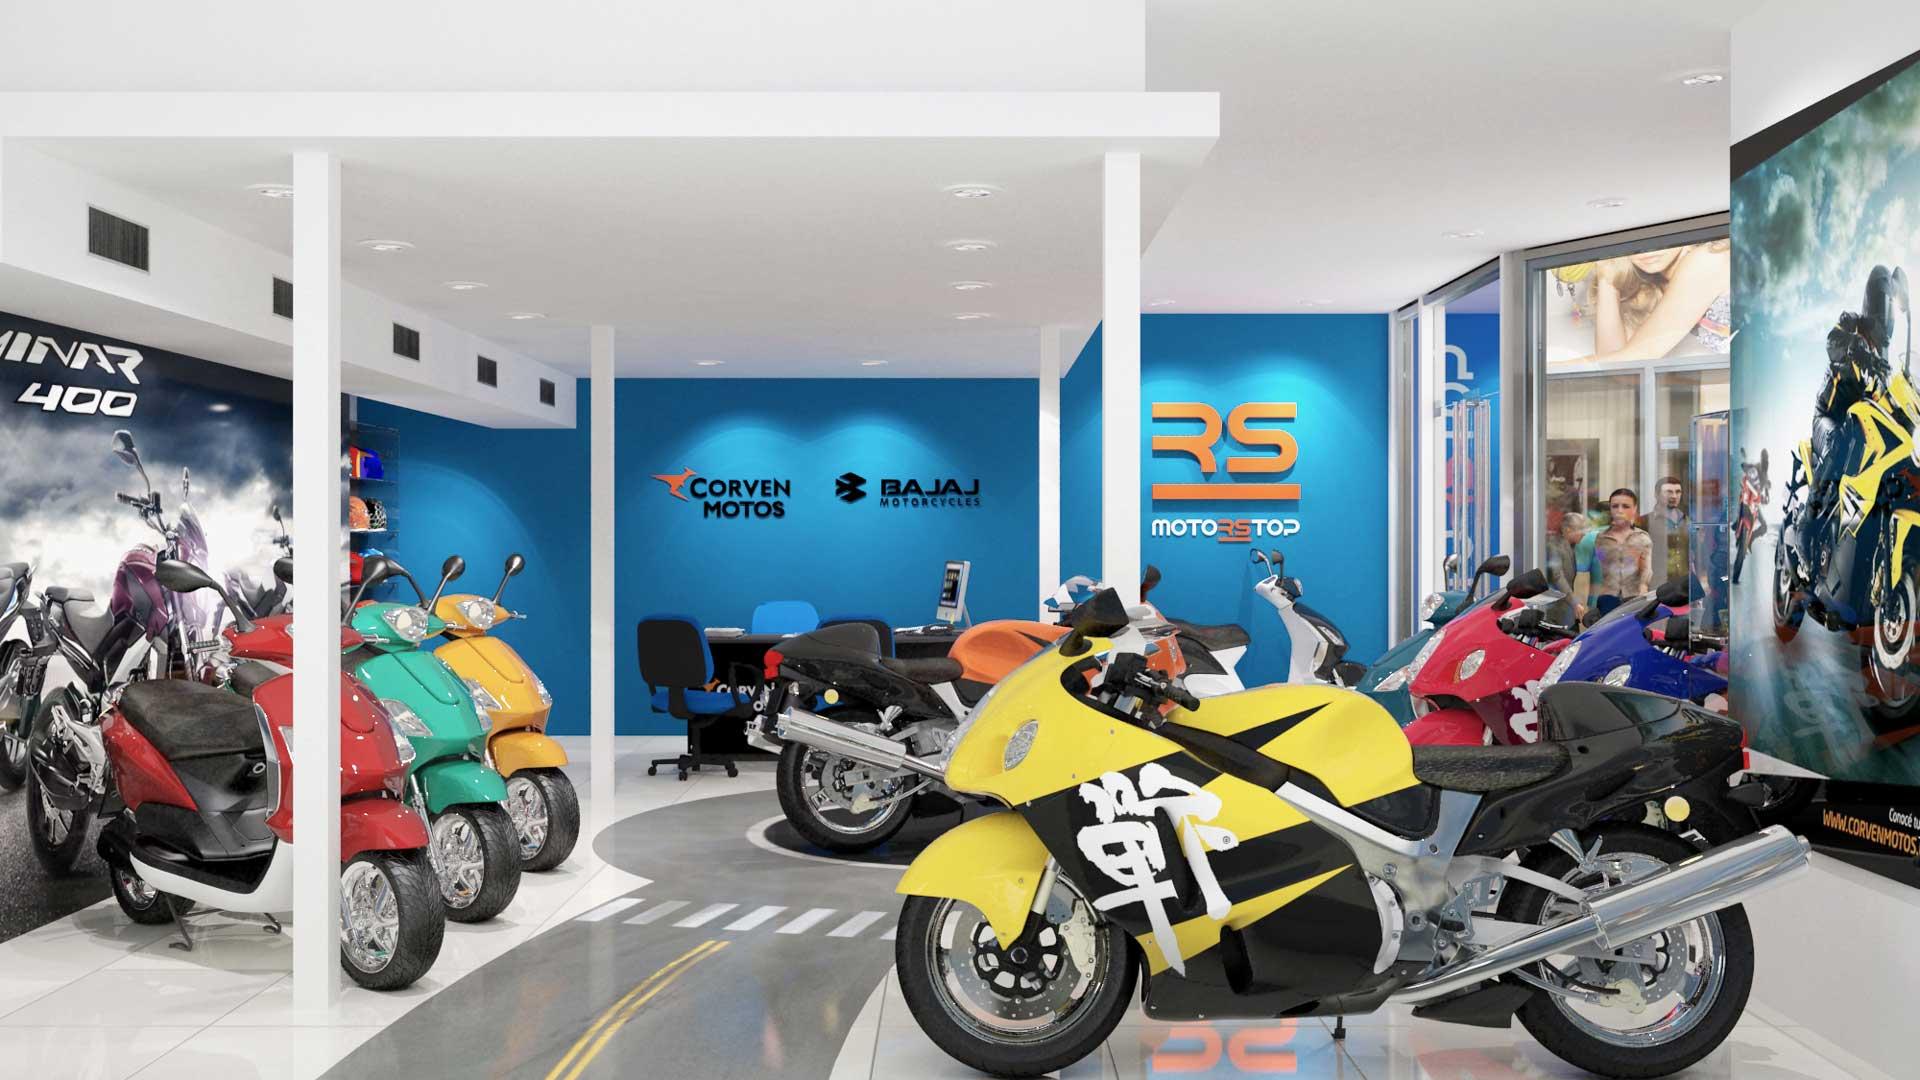 Renders 3D Arquitectura  Renders 115-MOTORSTOP-camara-3